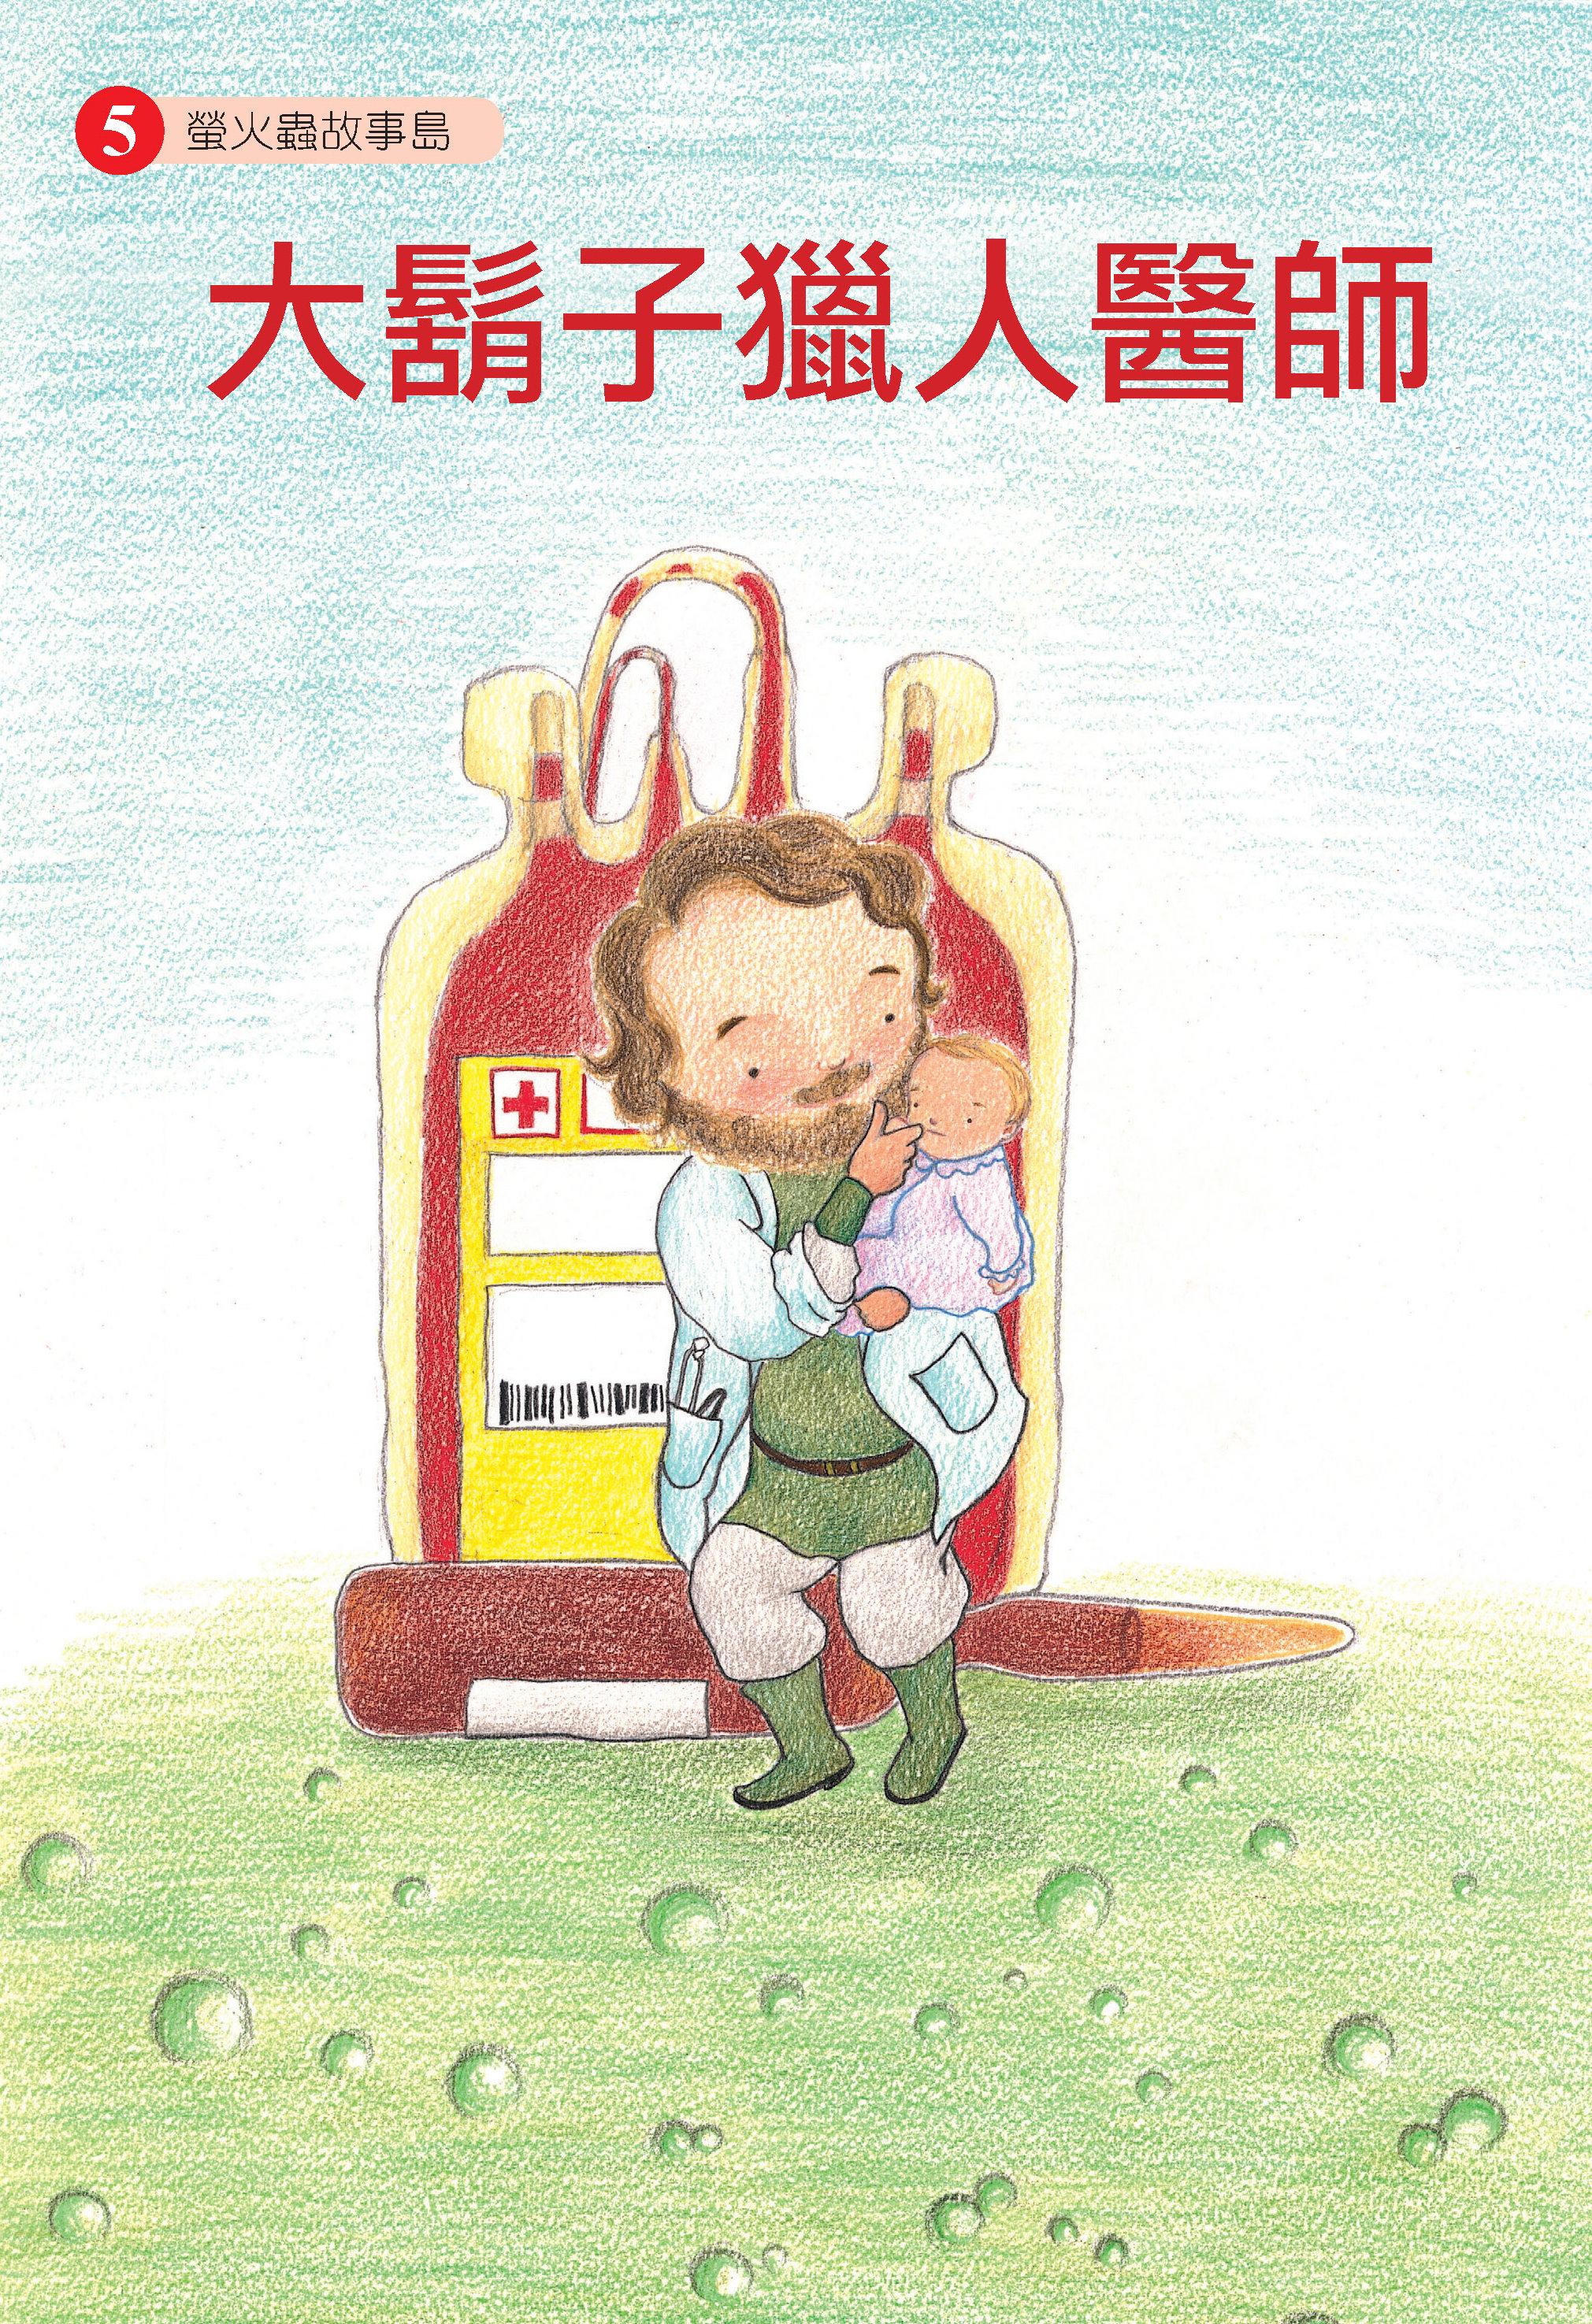 螢火蟲故事繪本5-大鬍子獵人醫師(重型海洋性貧血)